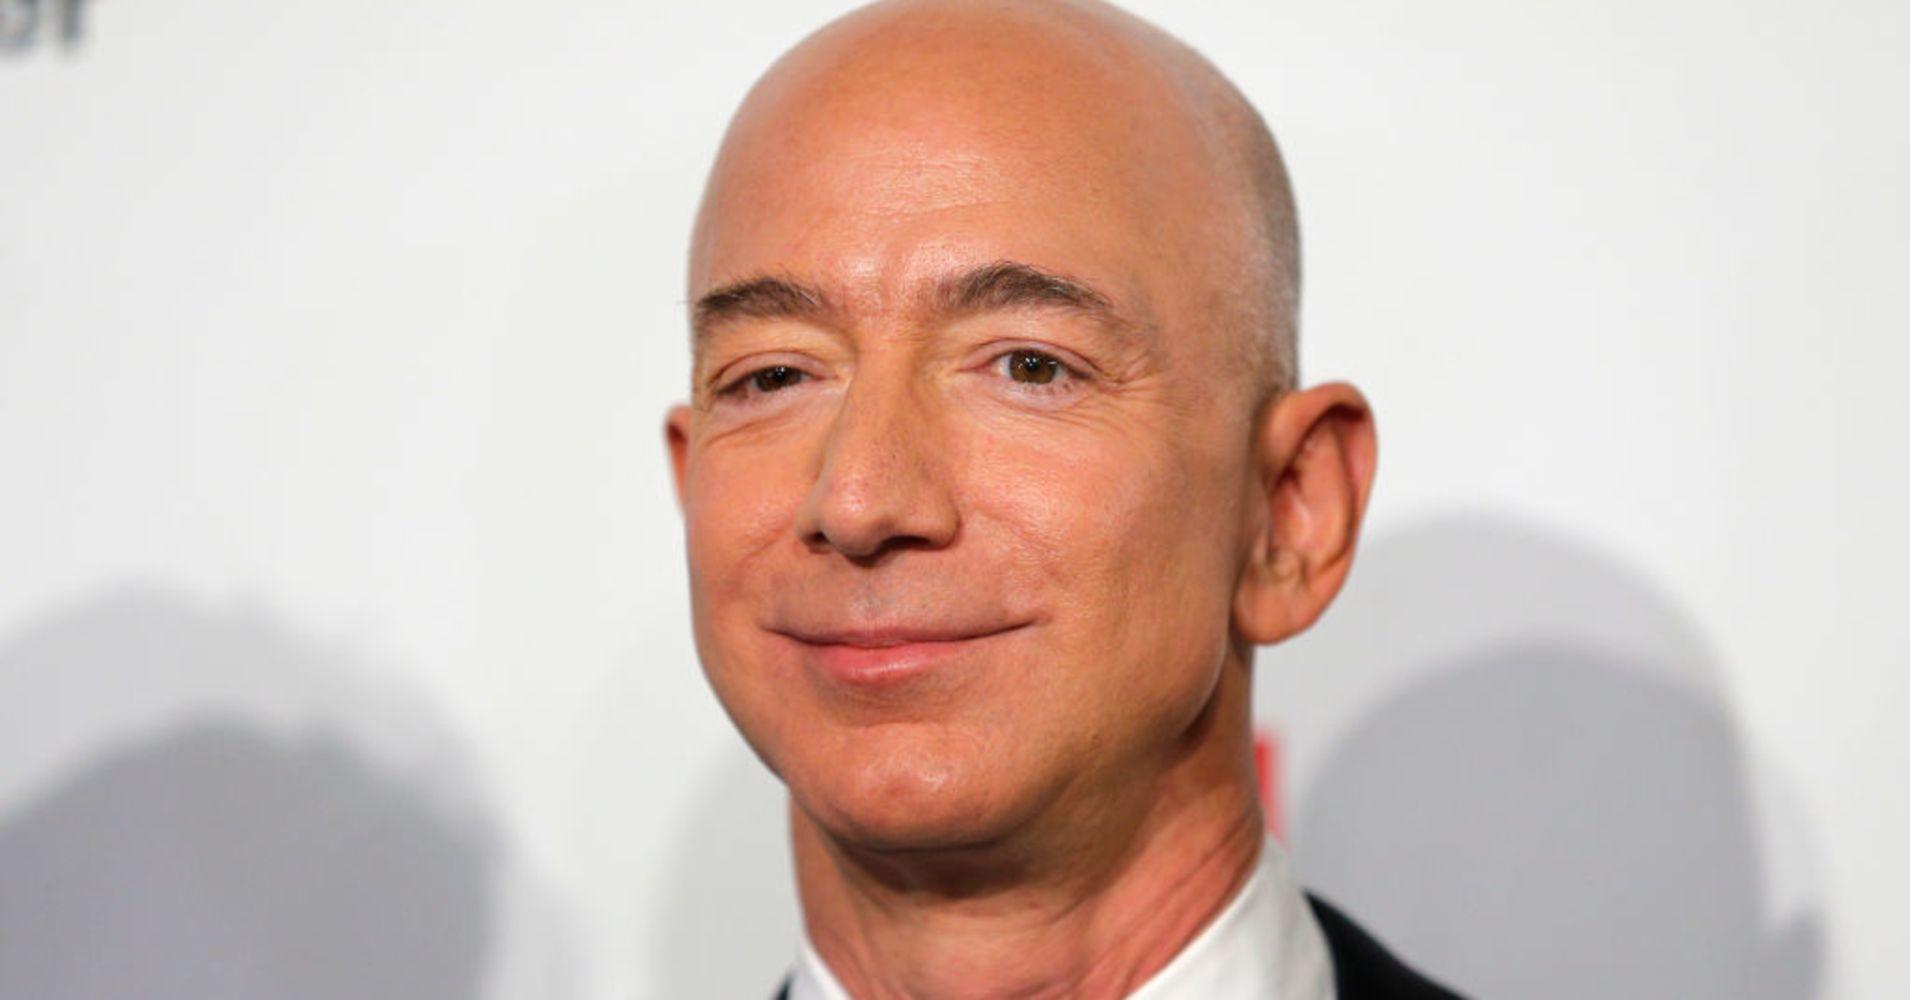 Amazon : depuis septembre, Jeff Besos perd environ 500 millions de dollars par jour